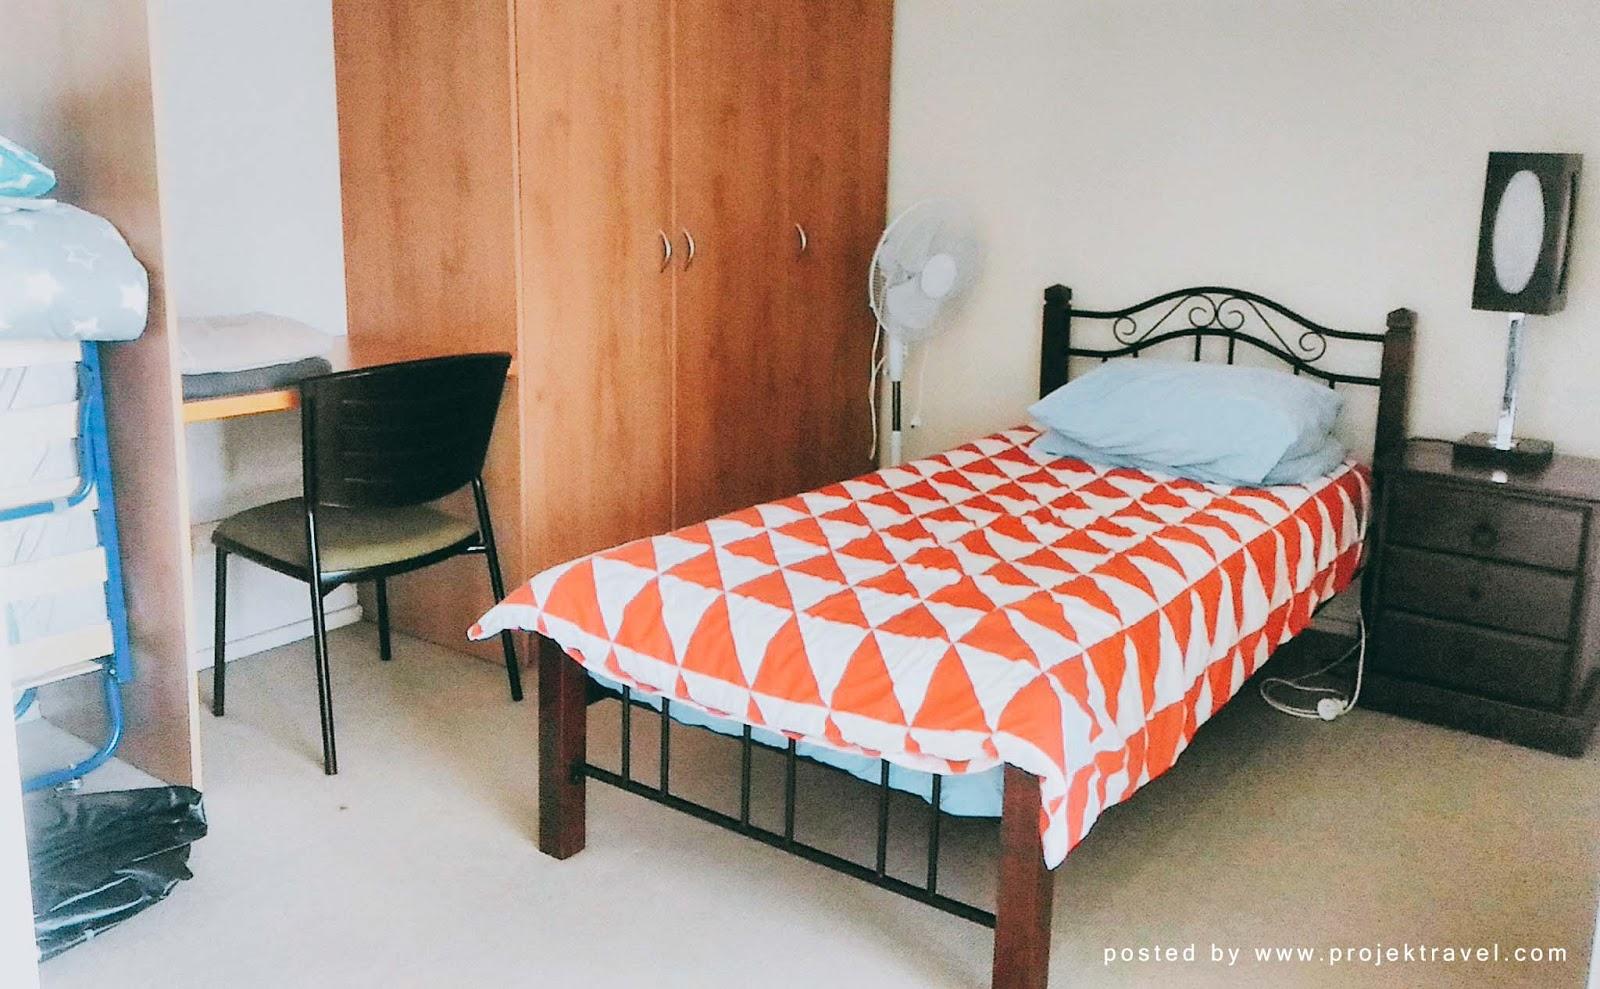 Bilik Ke Dua Yang Dilengkapi Katil Single Dengan Tambahan Mudah Alih Dan Inflatable Bed Atas Permintaan